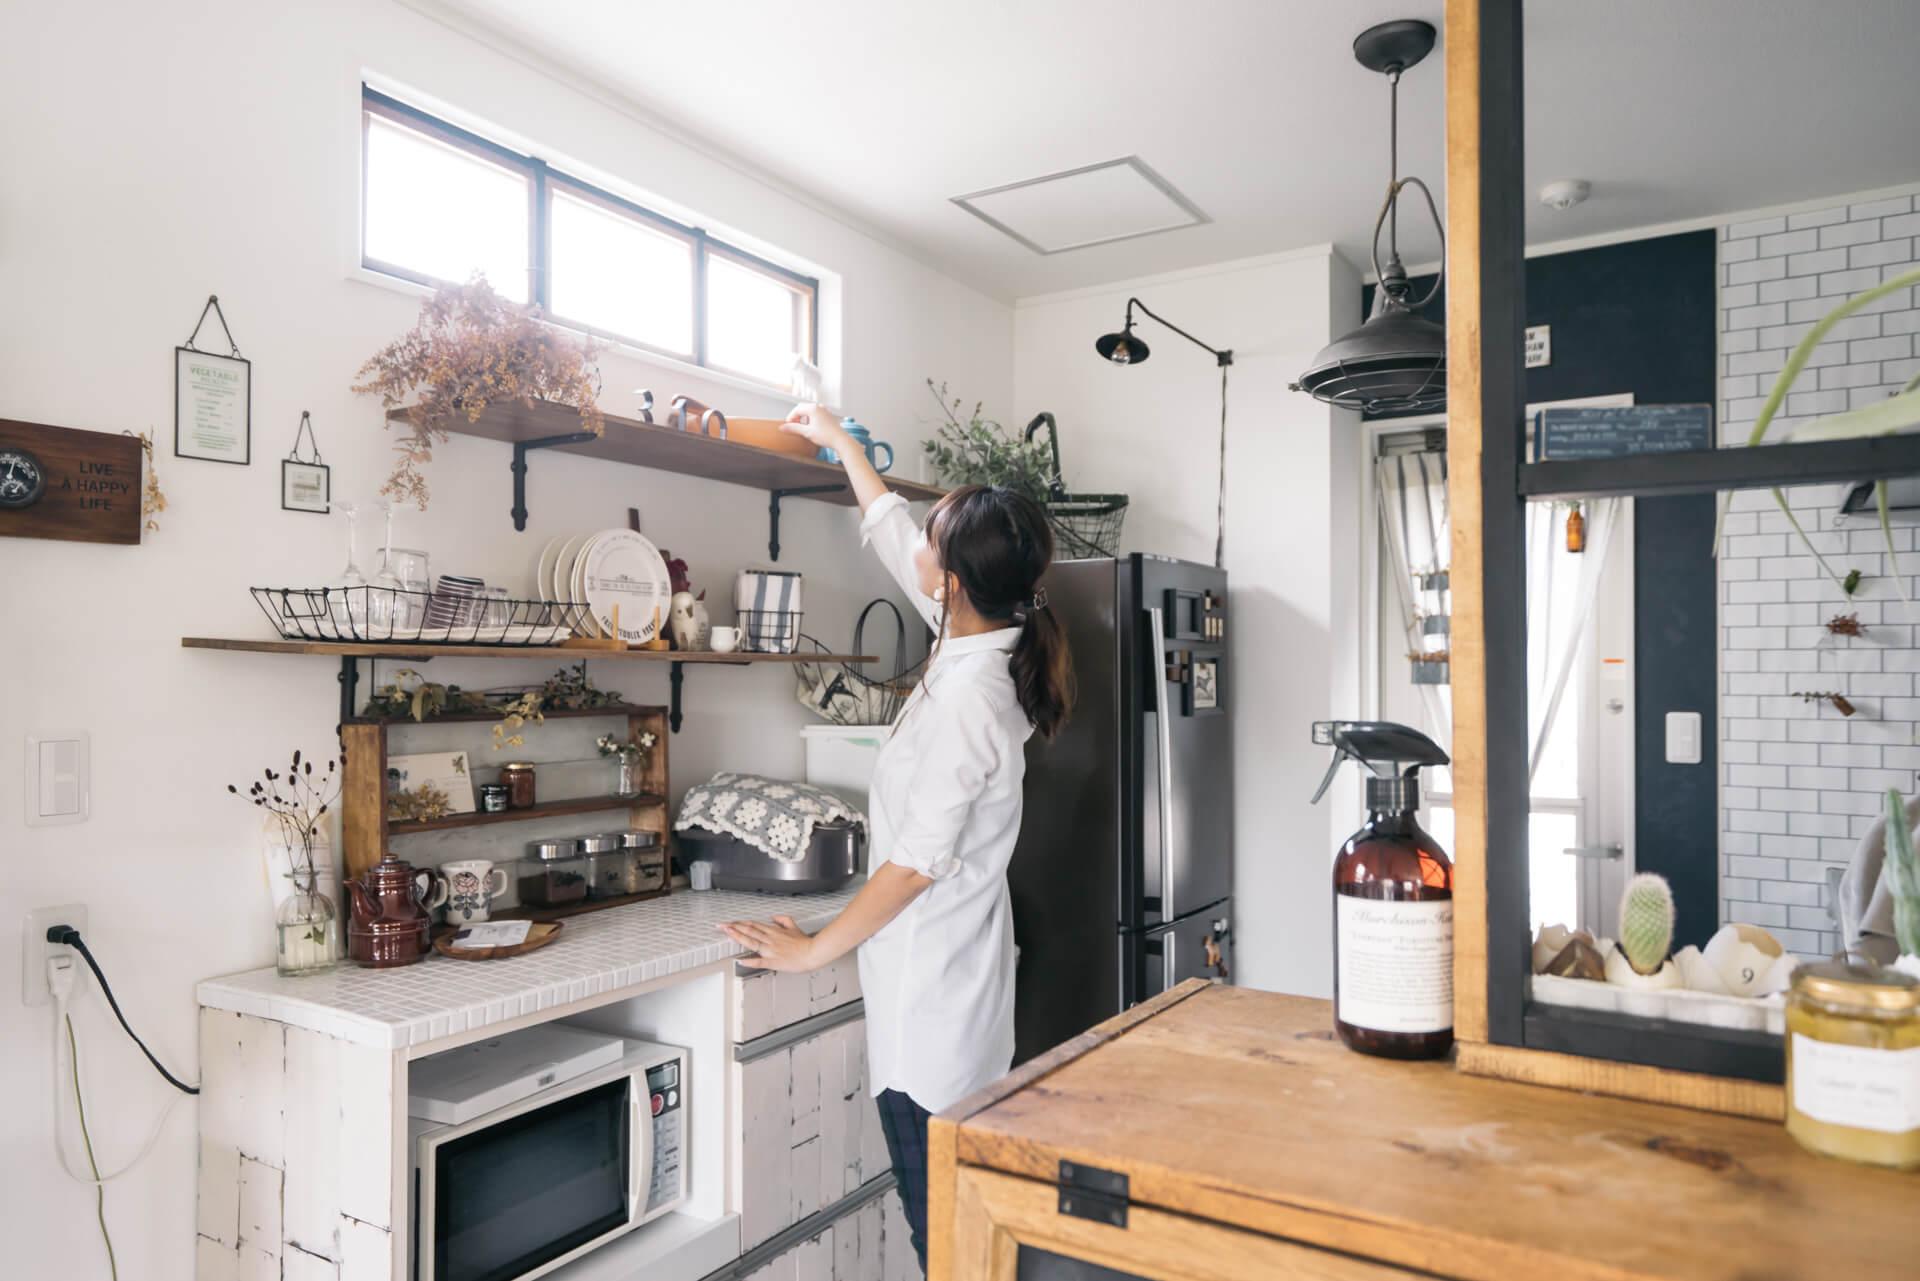 キッチン背面の棚は、元々は背の高さまであるものでしたが、圧迫感があったため、上部を取り外して見せる収納に。すっきりして、明るい雰囲気になっていますよね。